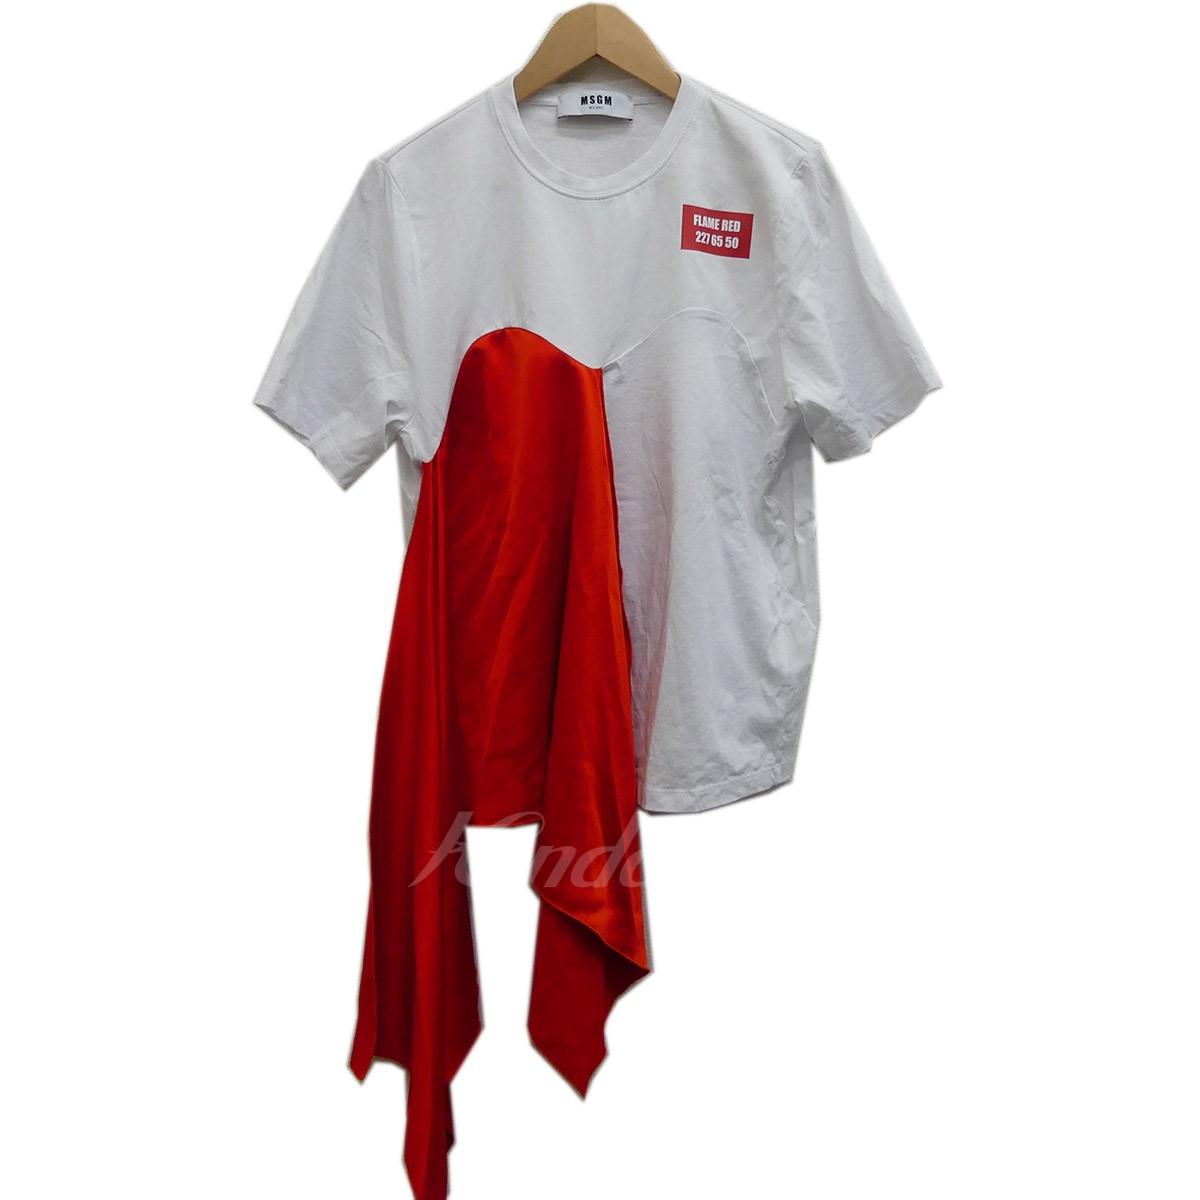 【中古】MSGM scarf detail T shirt 2018SS ホワイト×レッド サイズ:S 【280419】(エムエスジーエム)